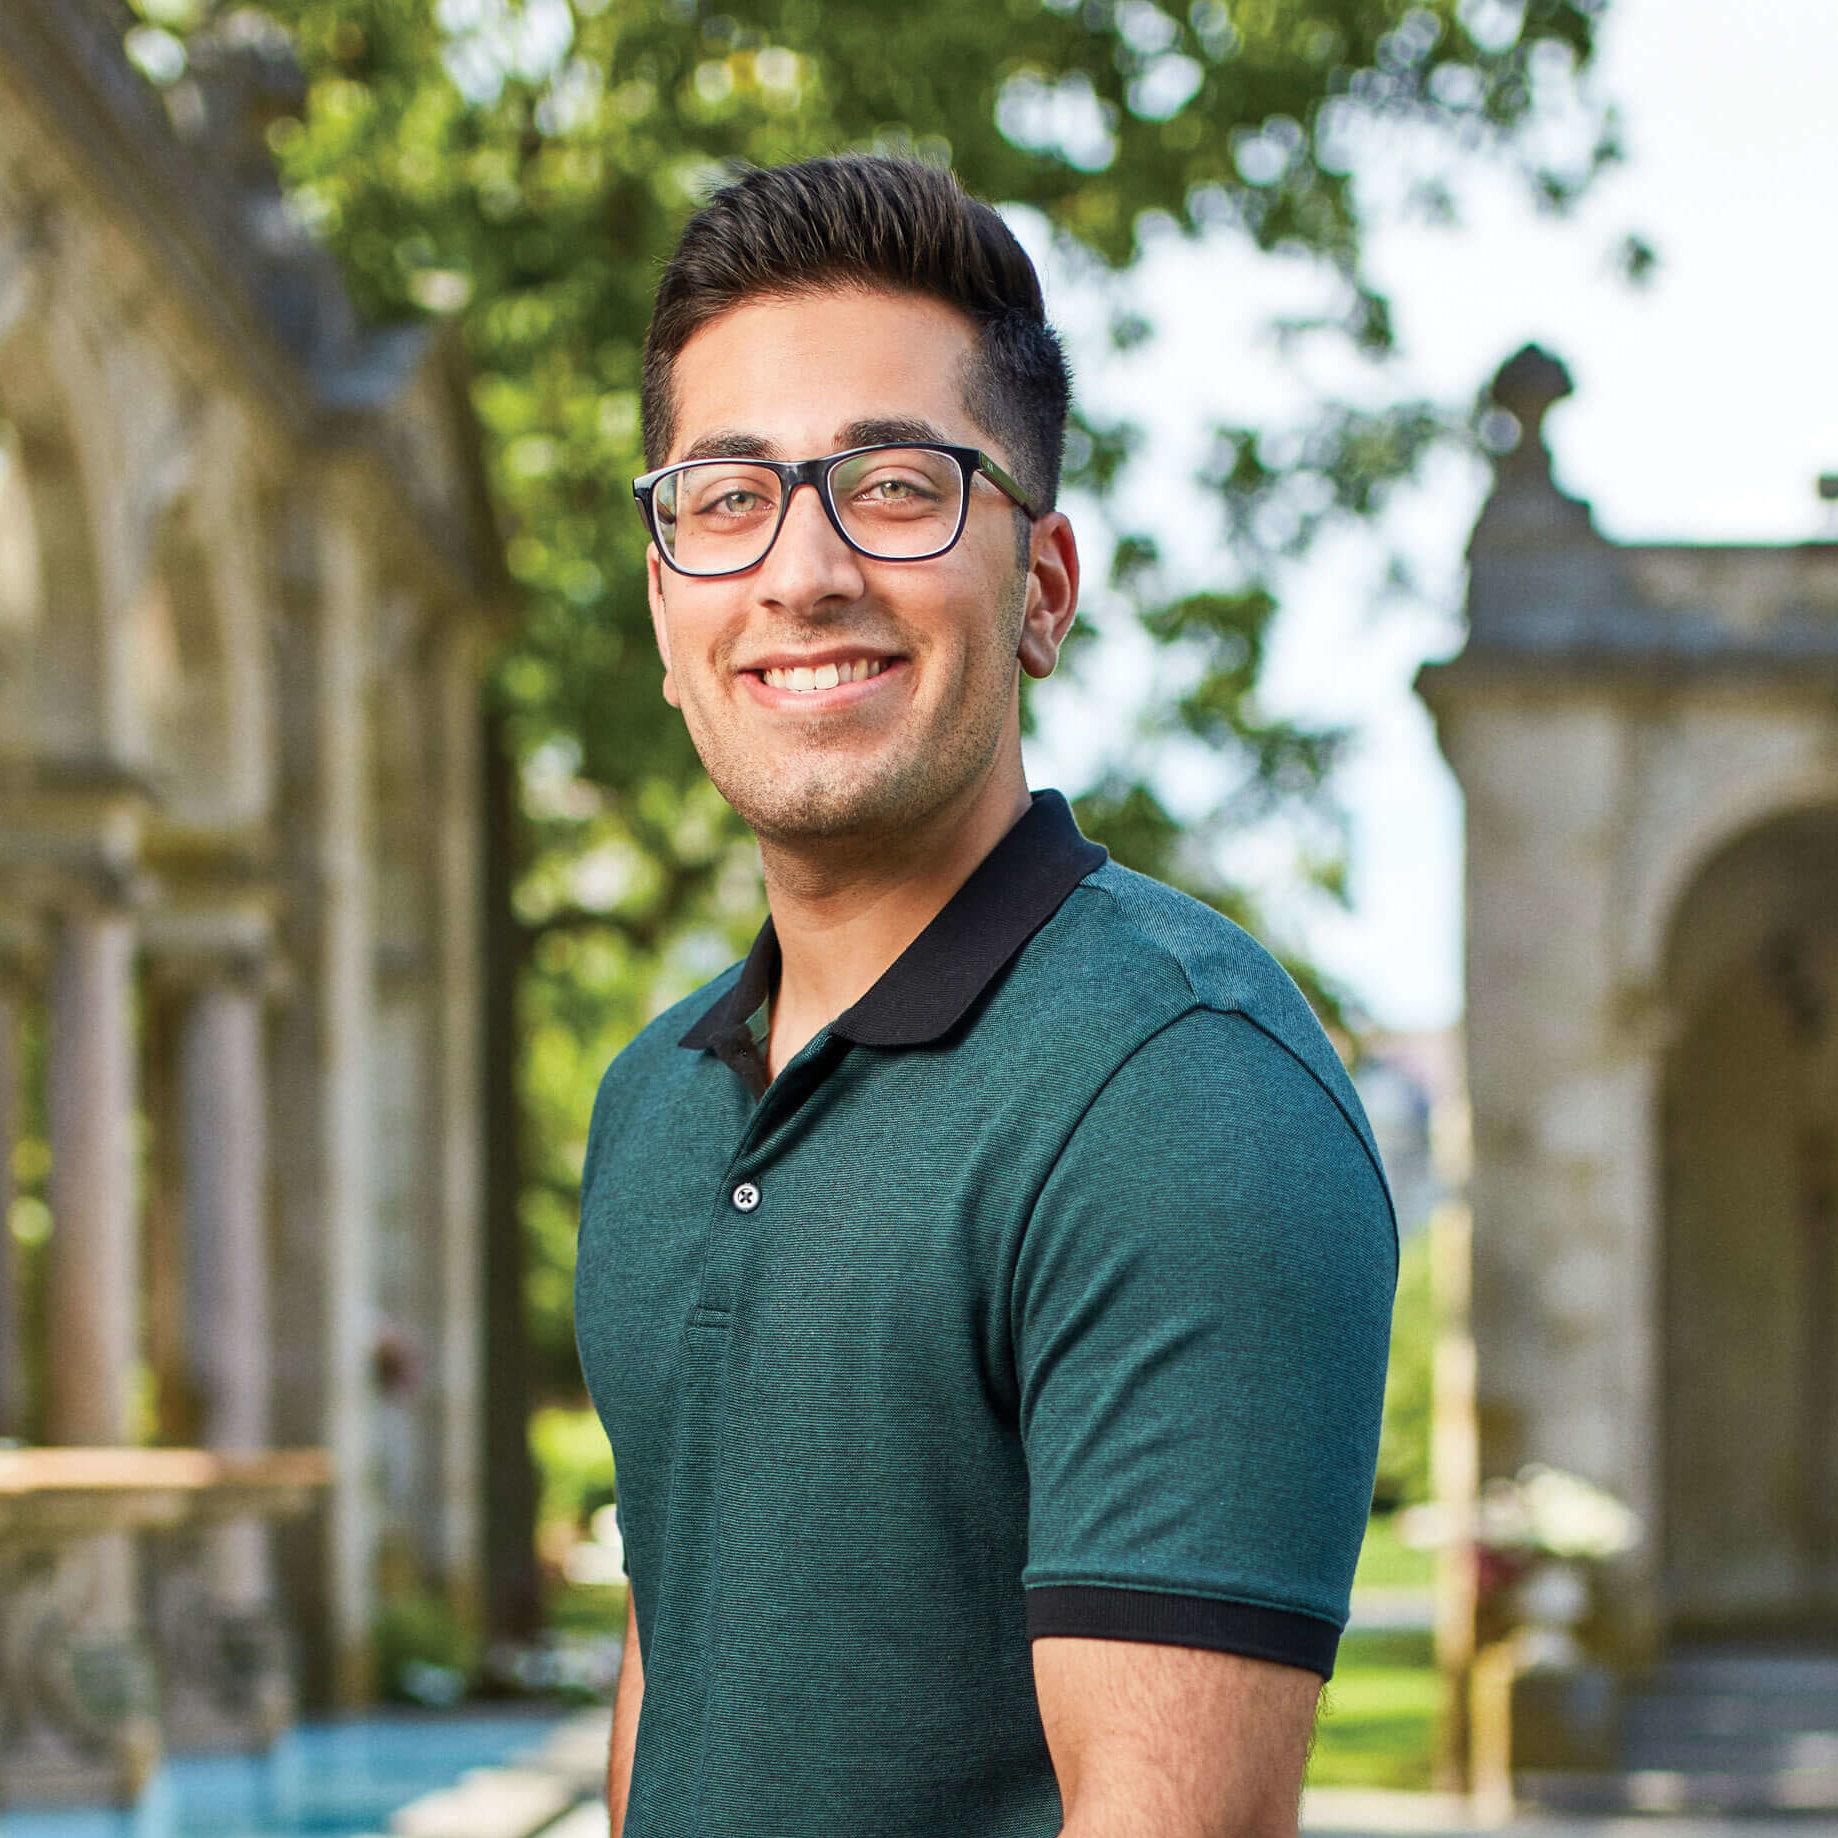 Mehdi Hussaini